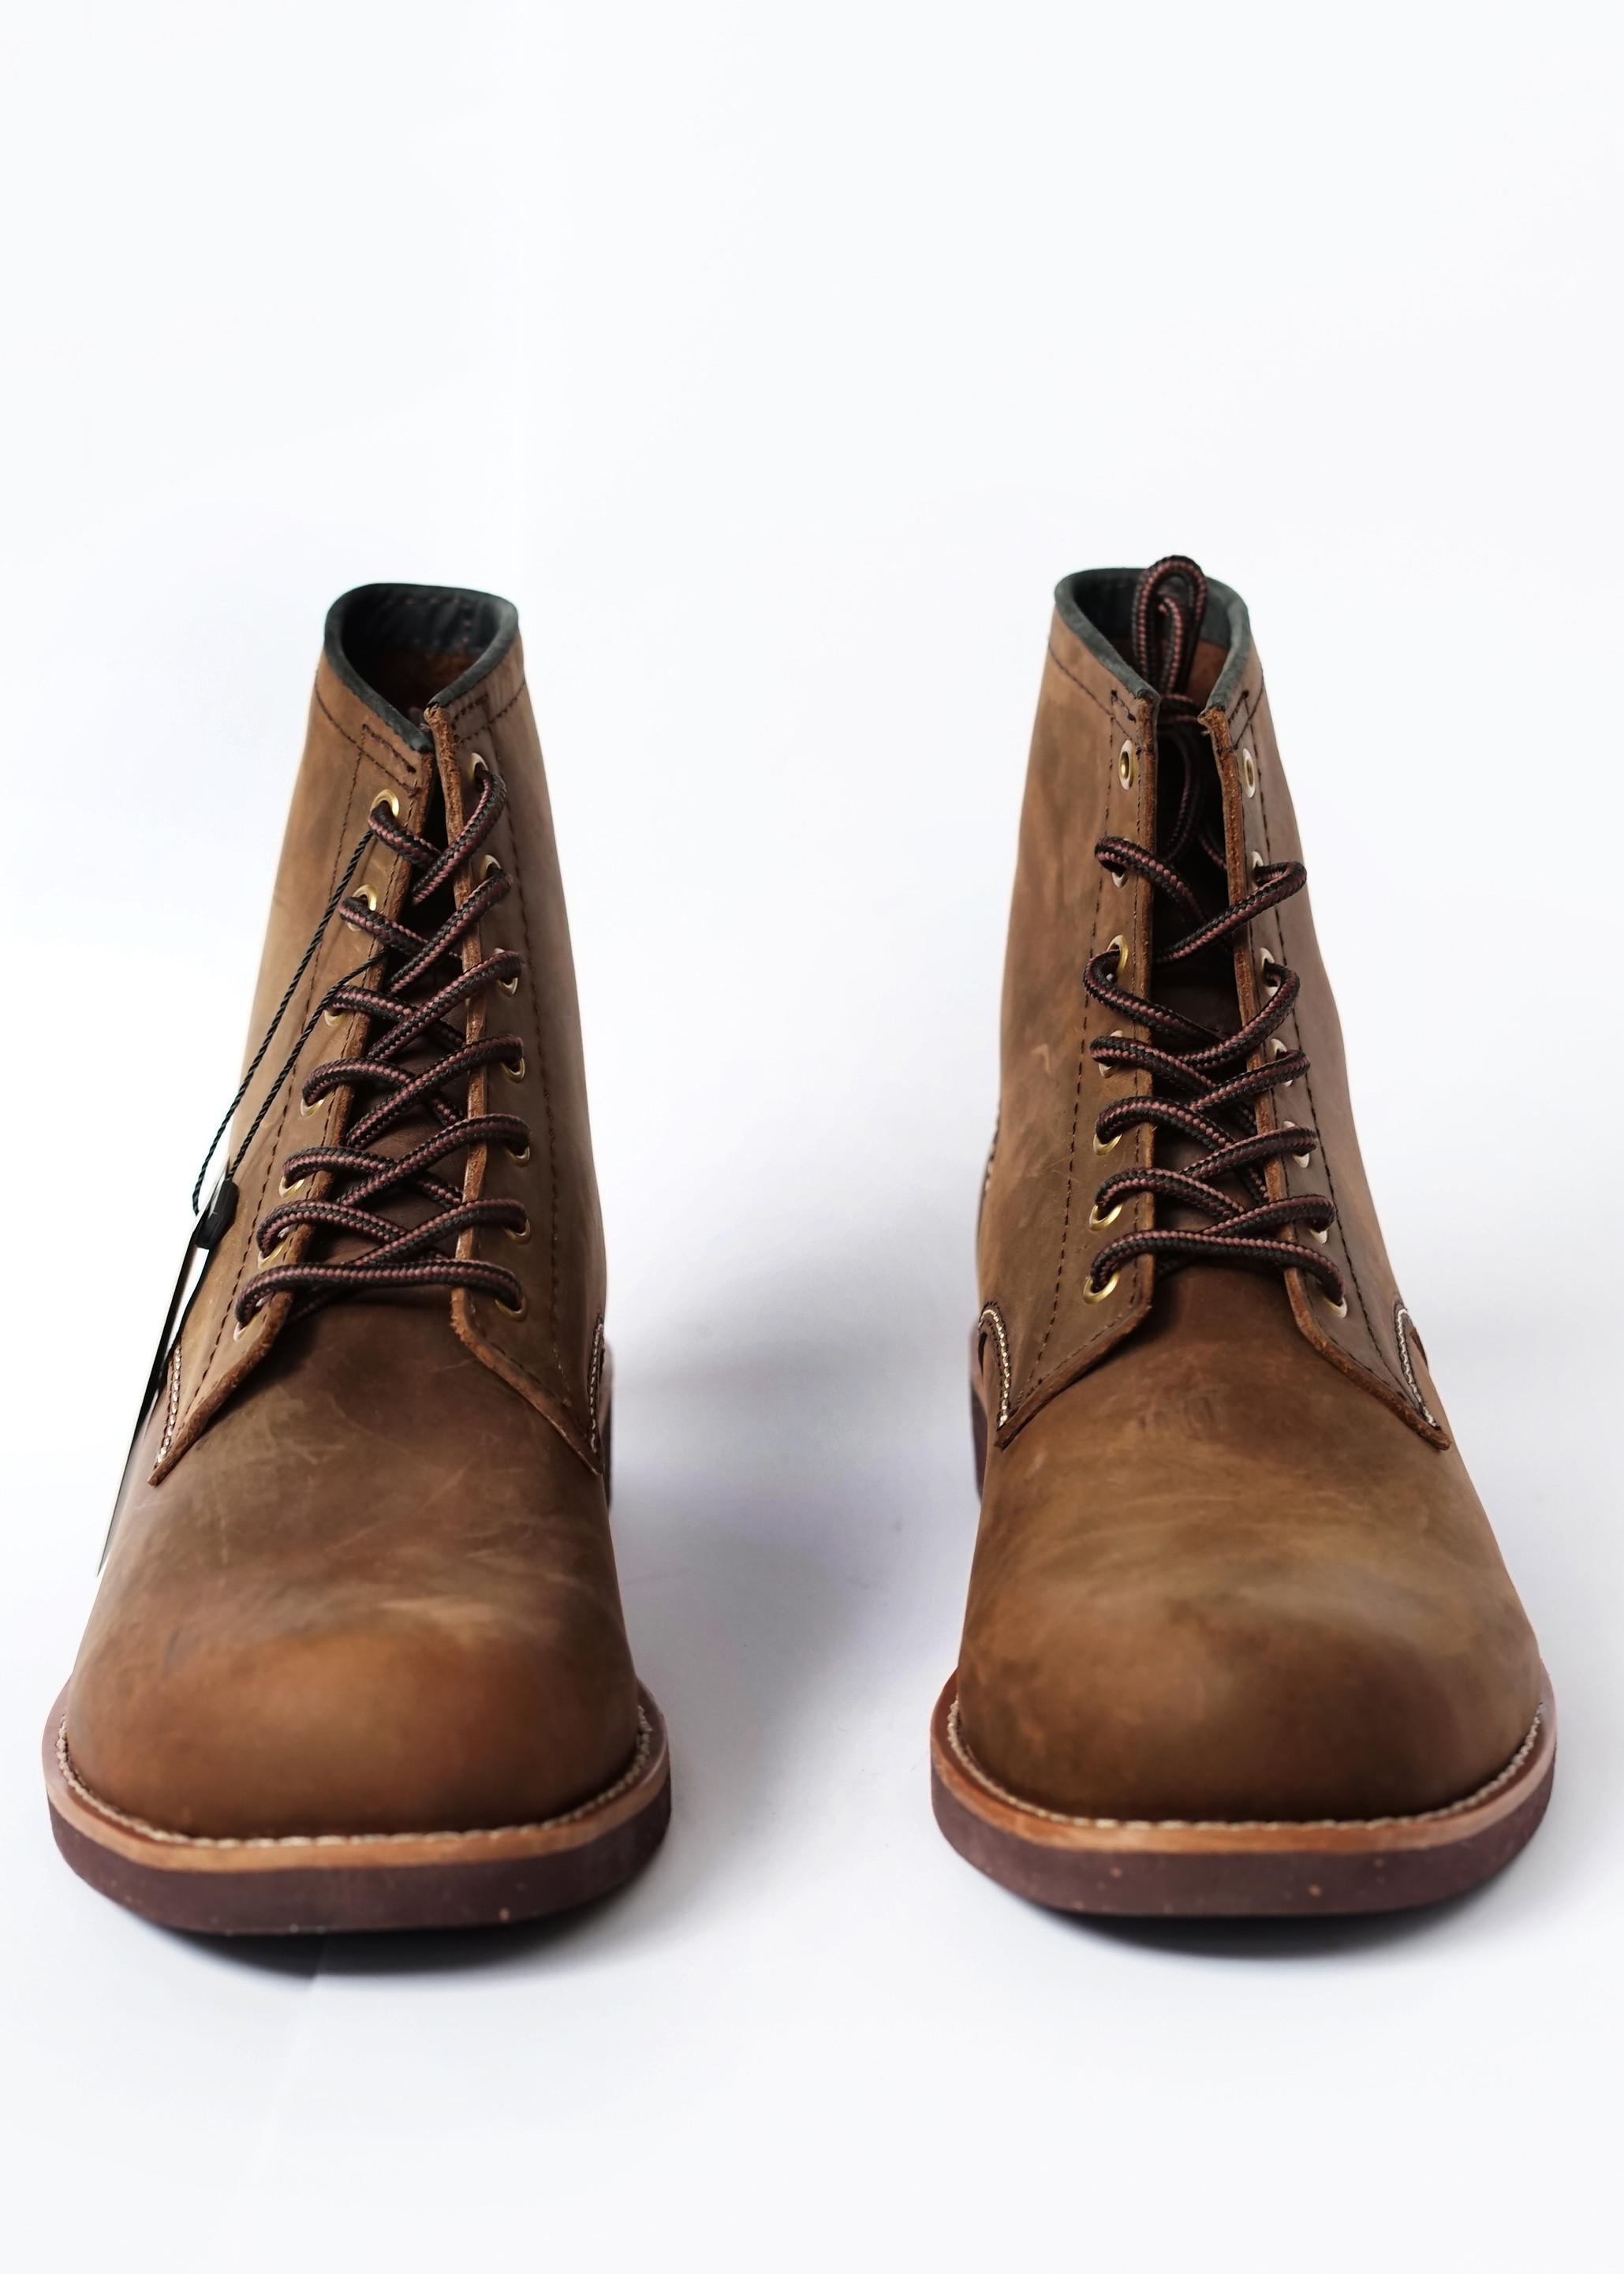 Giày nam cao cổ Beckmen da bò chất lượng cao phong cách vintage